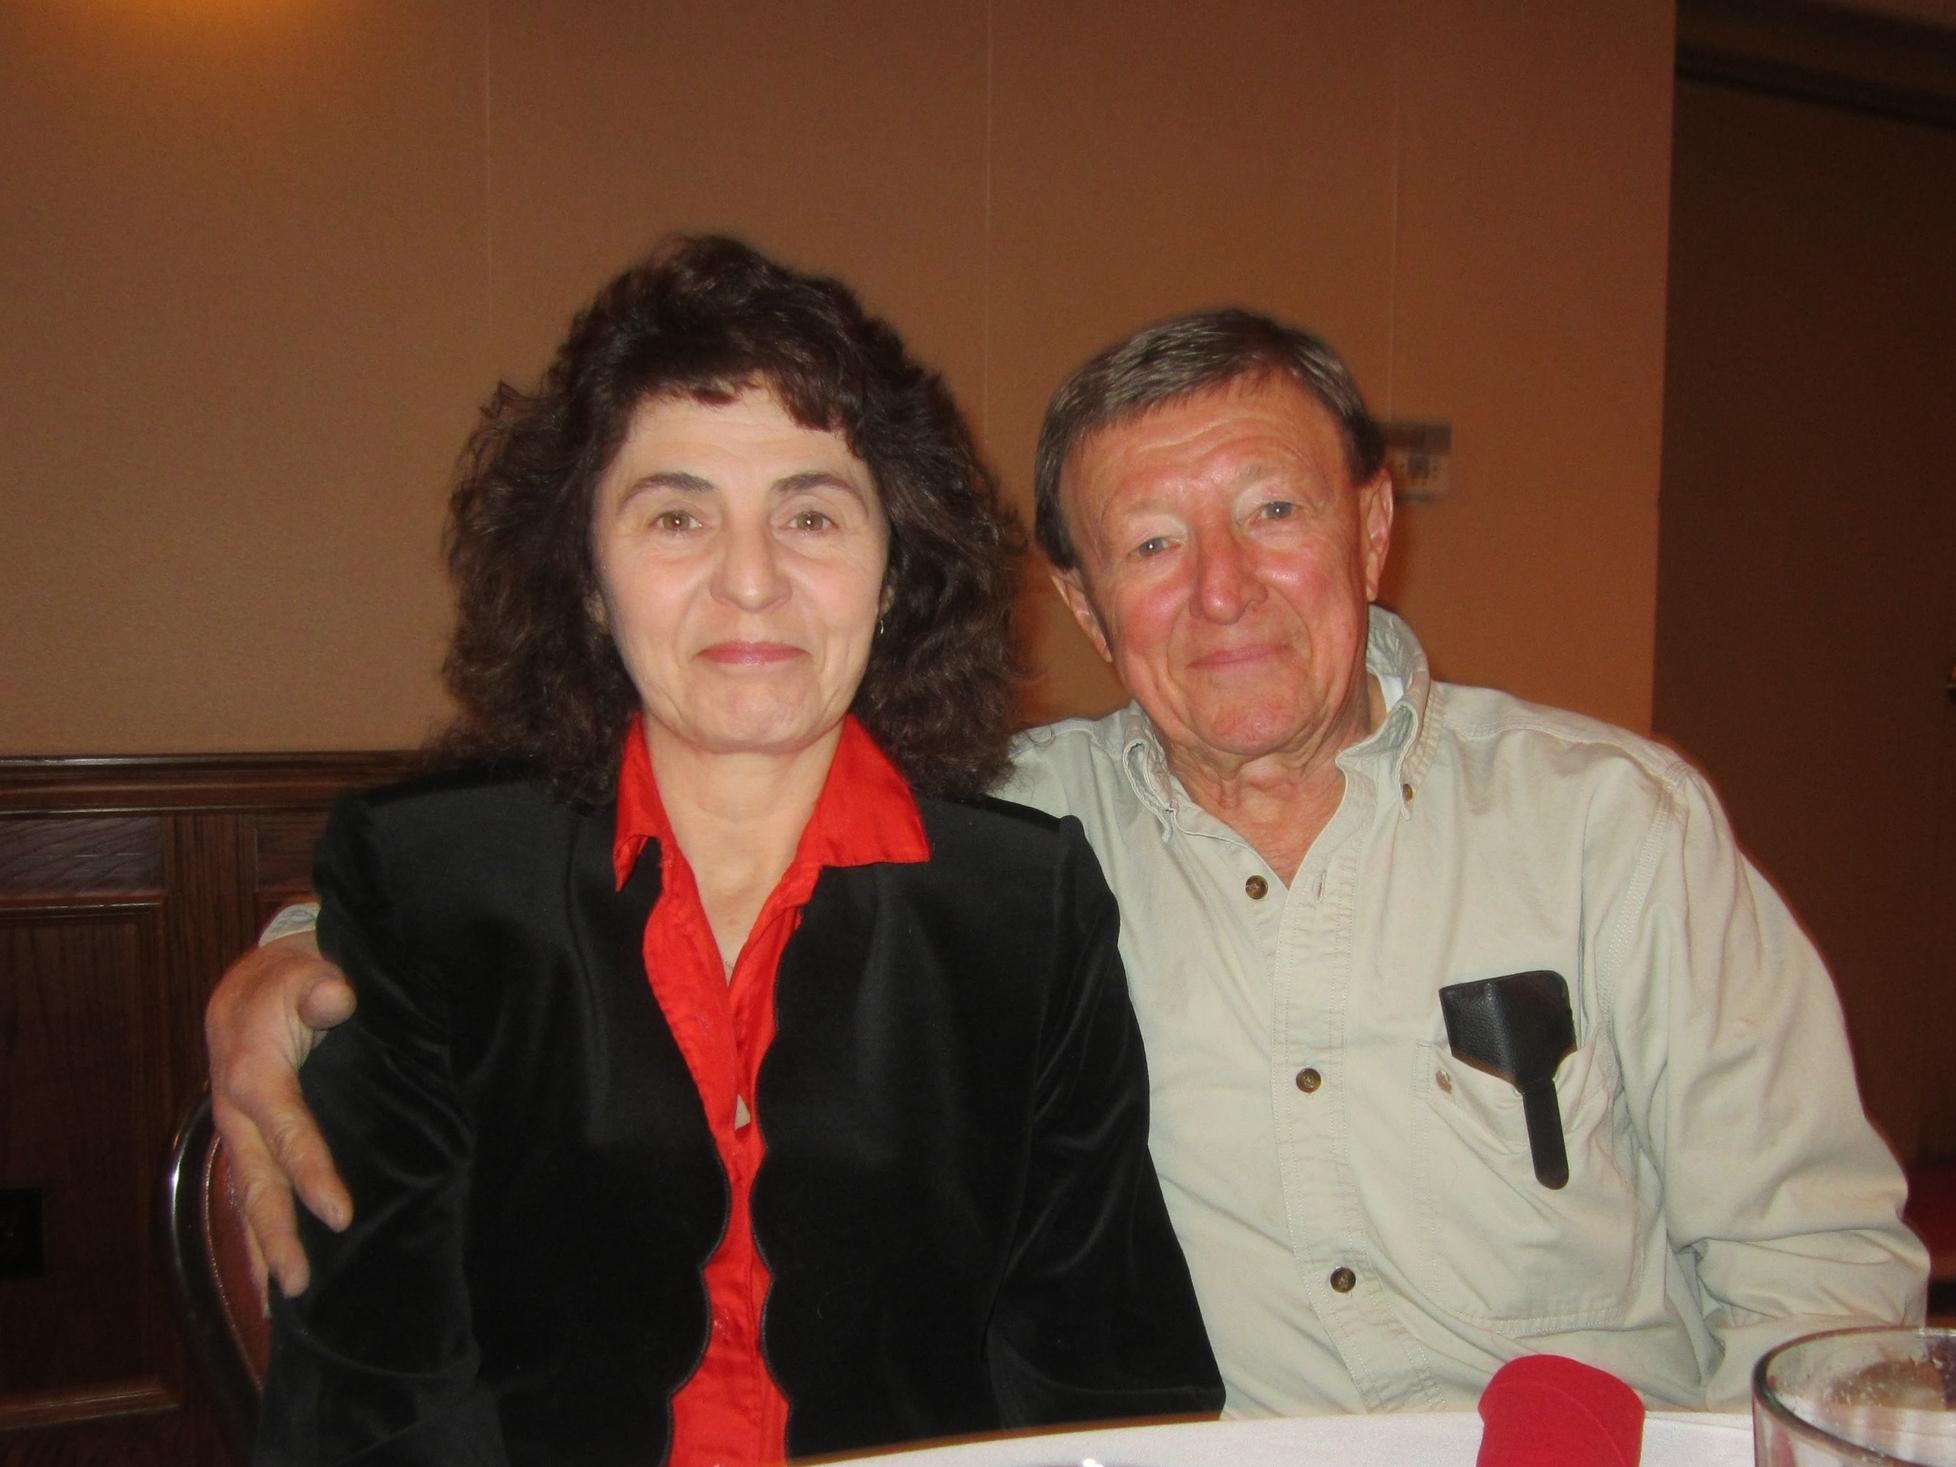 Jody Lawrence & Larry Fauber